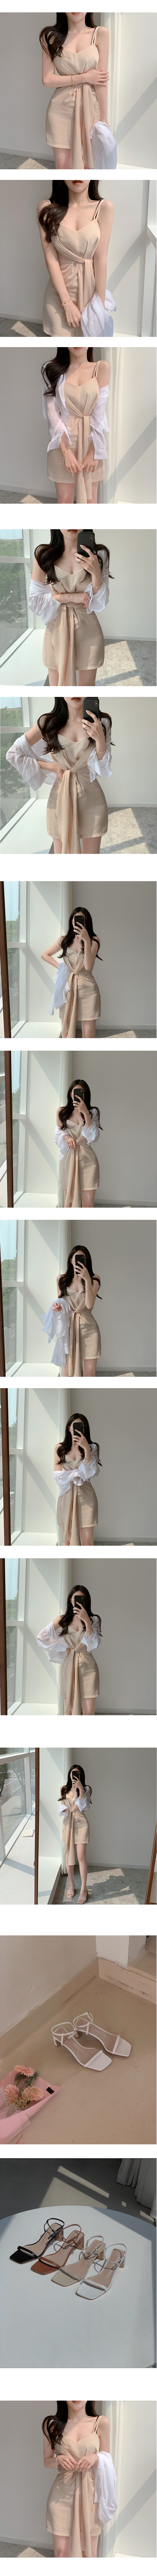 Apricot Romance Chiffon Strap Twisted Sleeveless Mini Dress